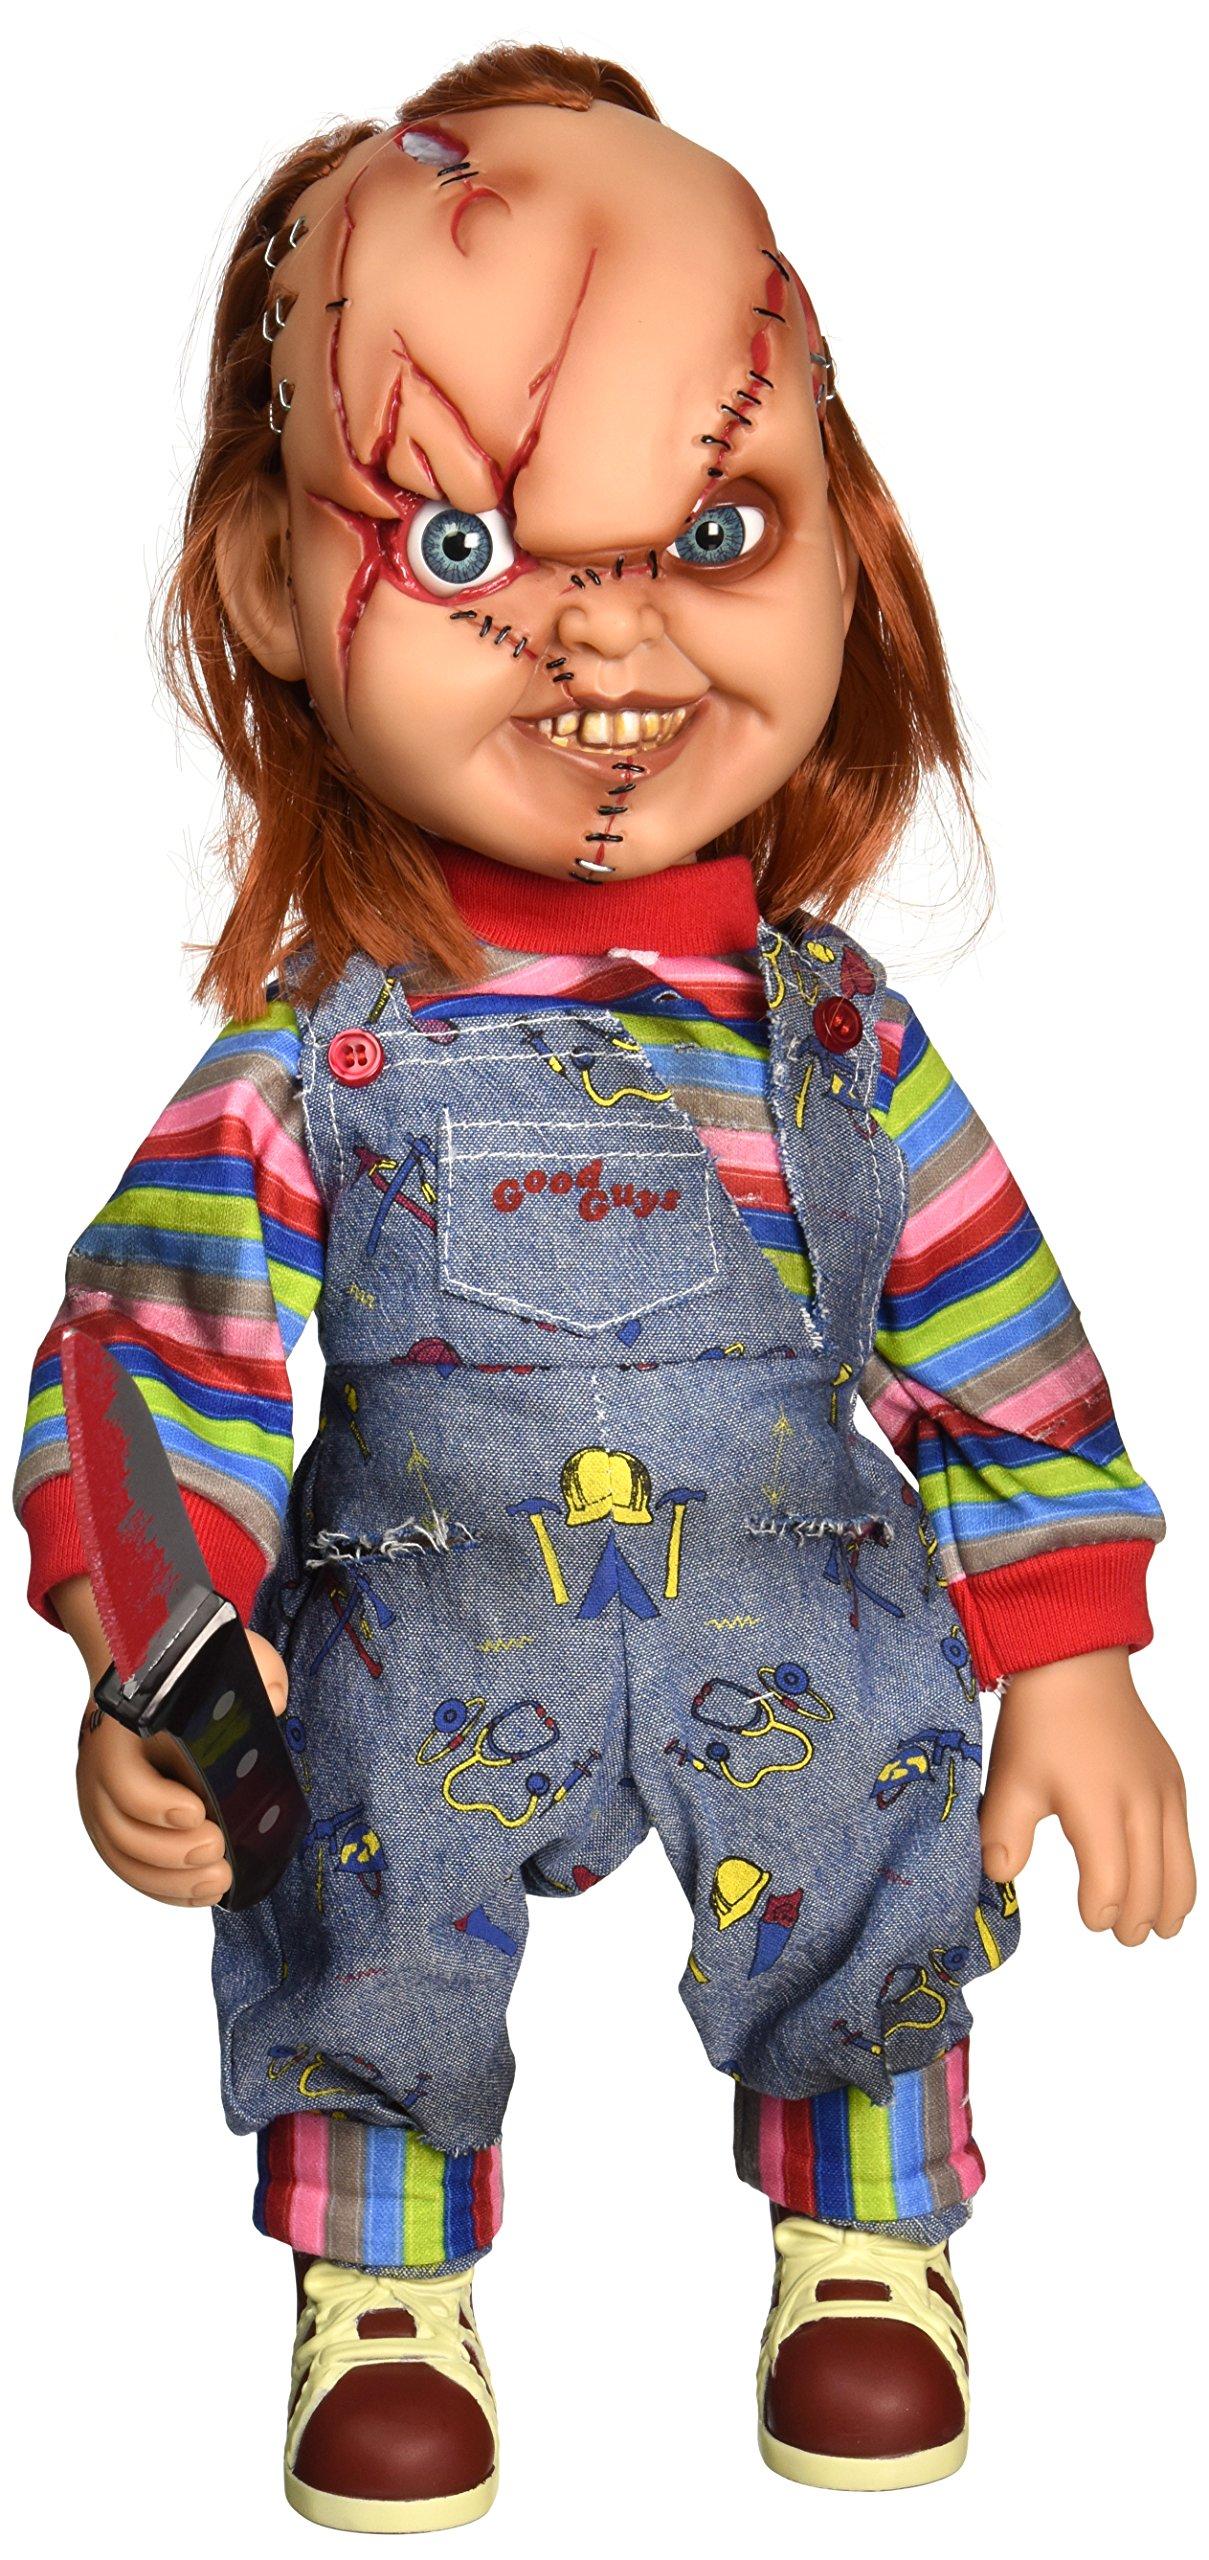 Figura Chucky El Muñeco Diabolico 38cm con Voz product image